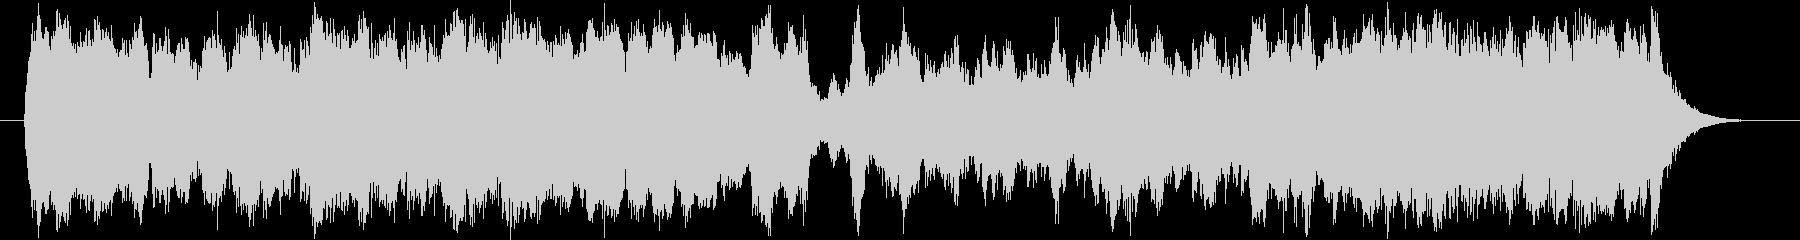 行進曲風のストリングスミュージックの未再生の波形